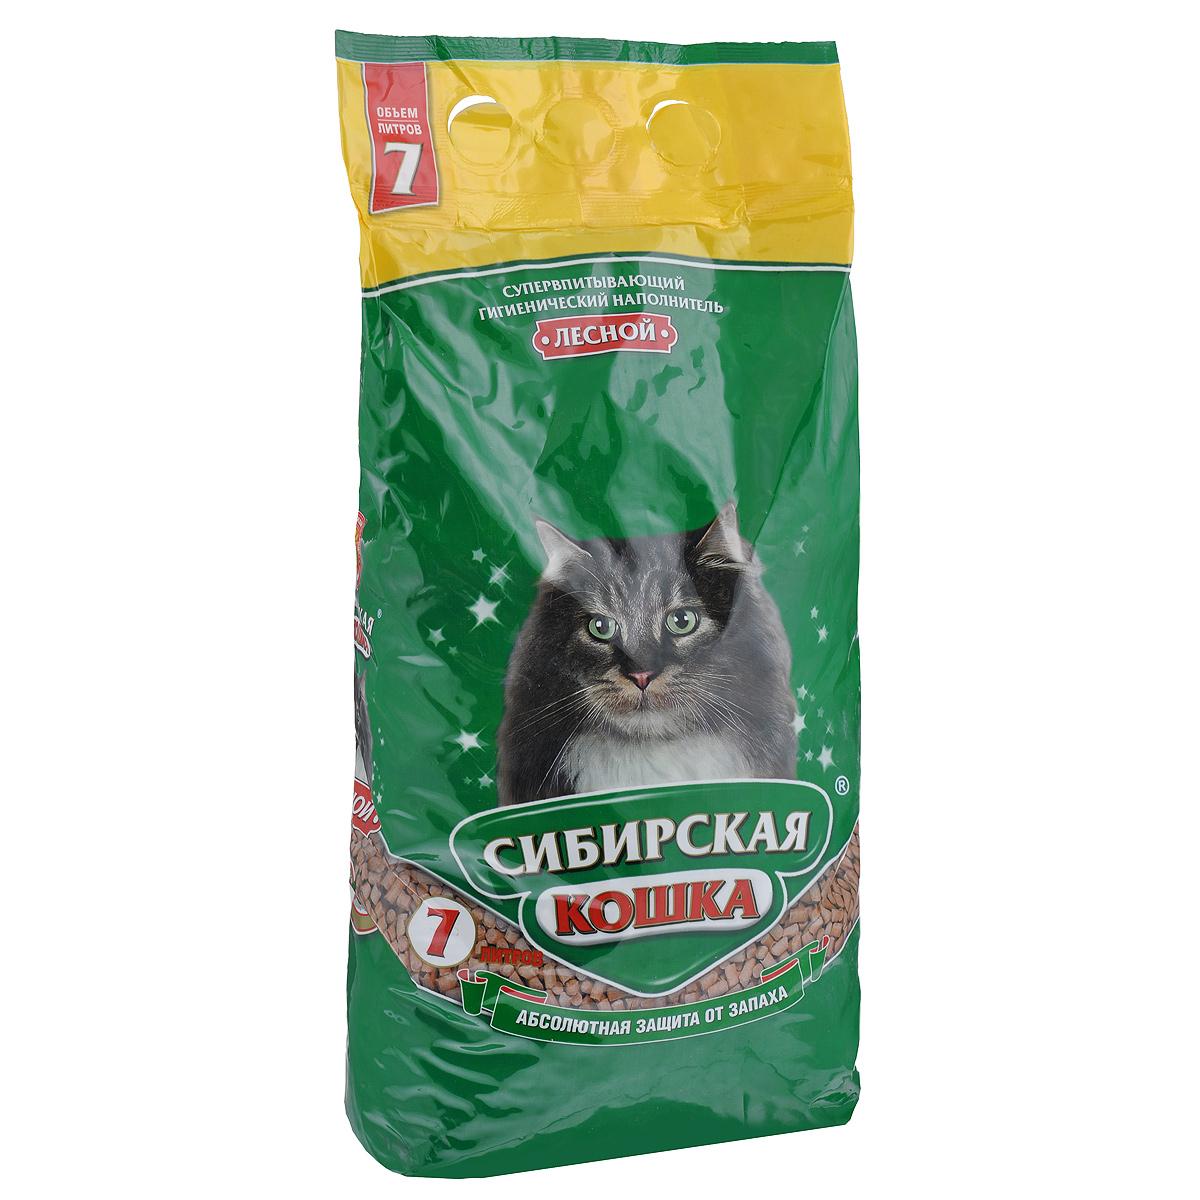 Наполнитель для кошачьих туалетов Сибирская Кошка Лесной, древесный, 7 л древесный наполнитель сибирская кошка лесной для кошек 3л